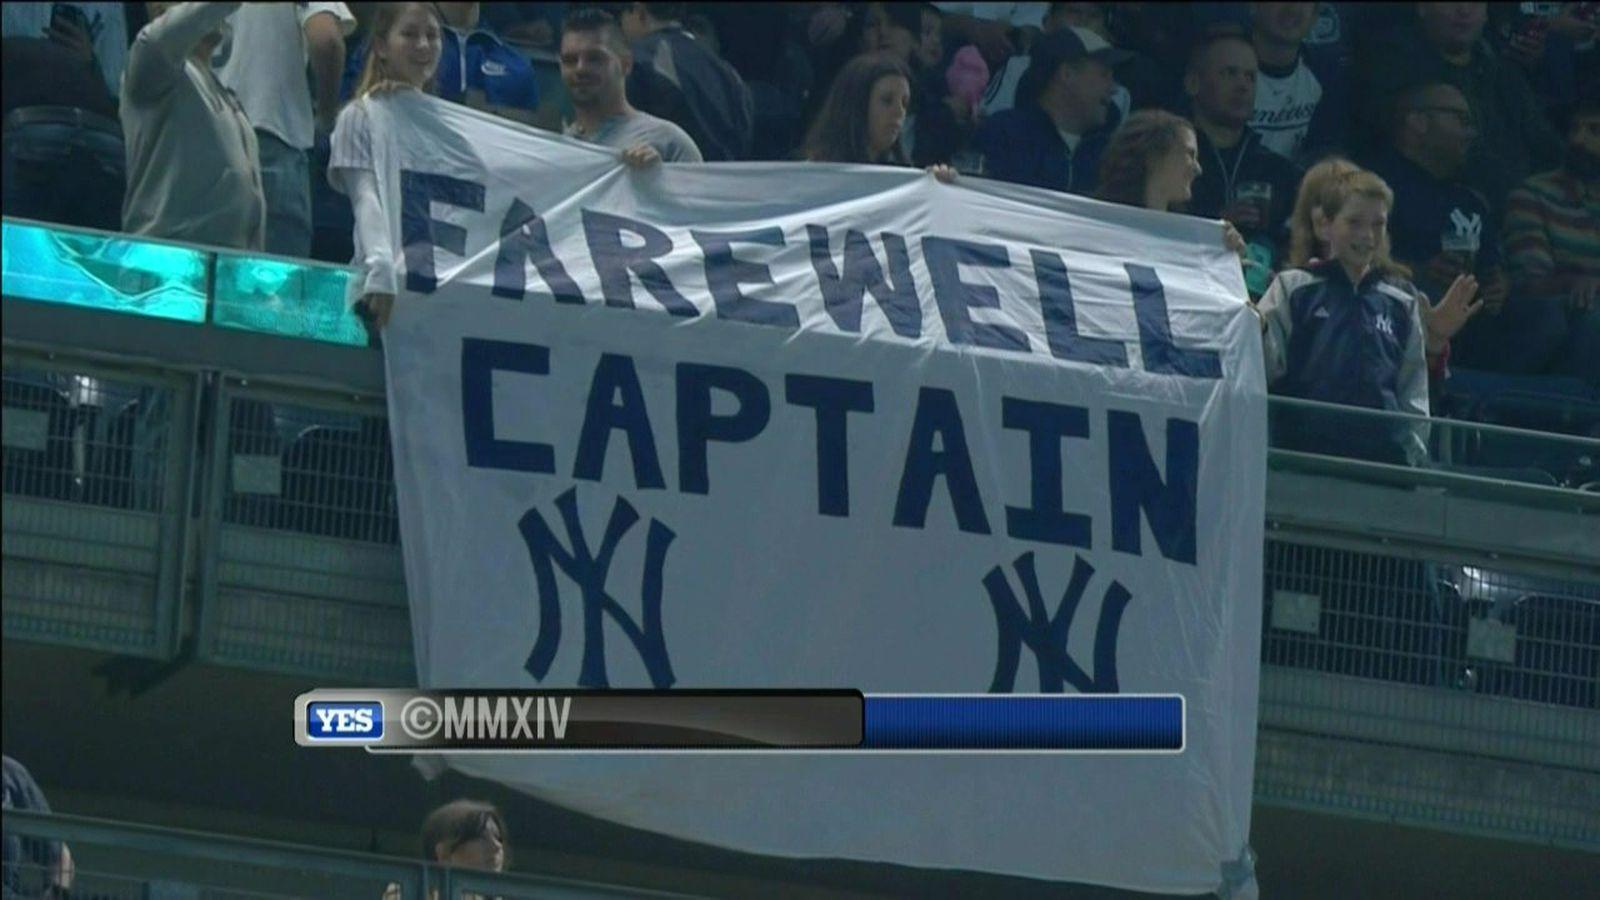 Derek Jeter tributes abound in final Yankee Stadium game - SBNation.com